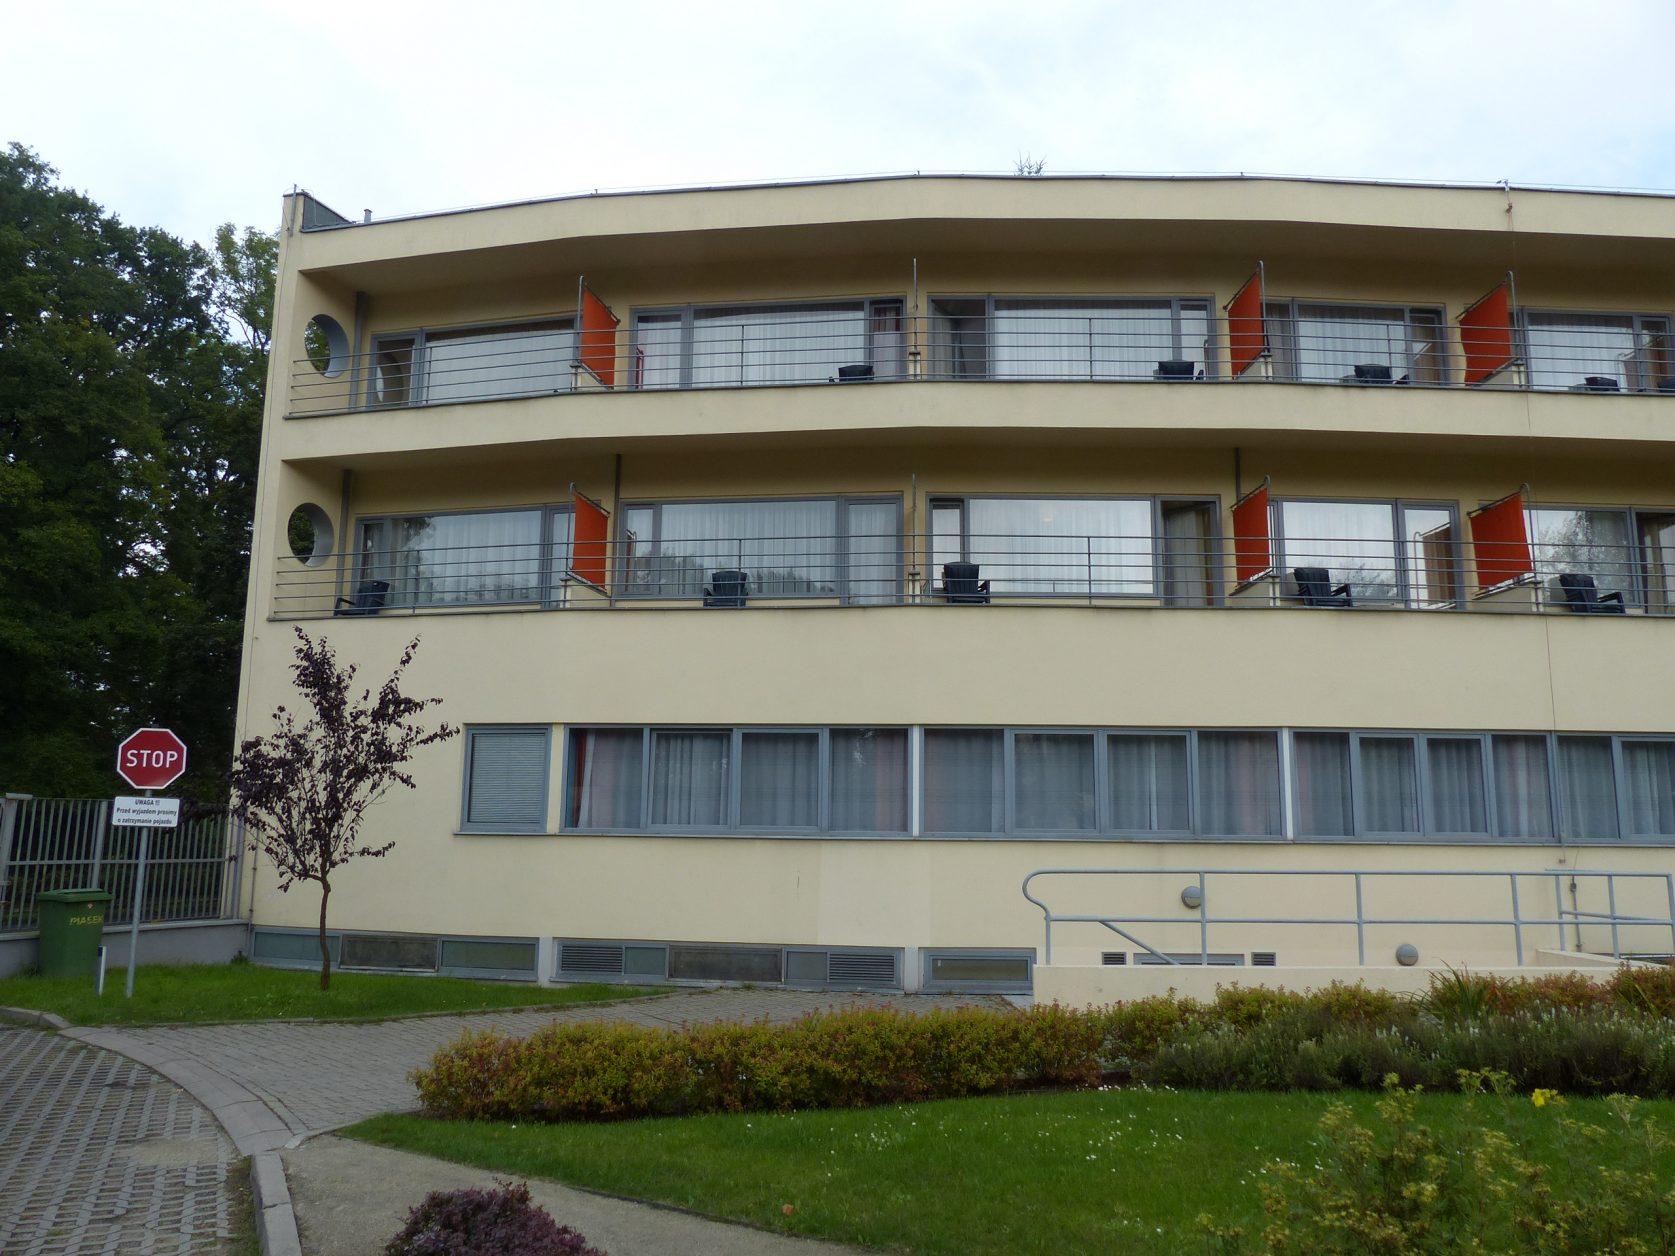 Blick auf das ehemalige Ledigenwohnheim, Architekt Hans Scharoun Foto: Weira